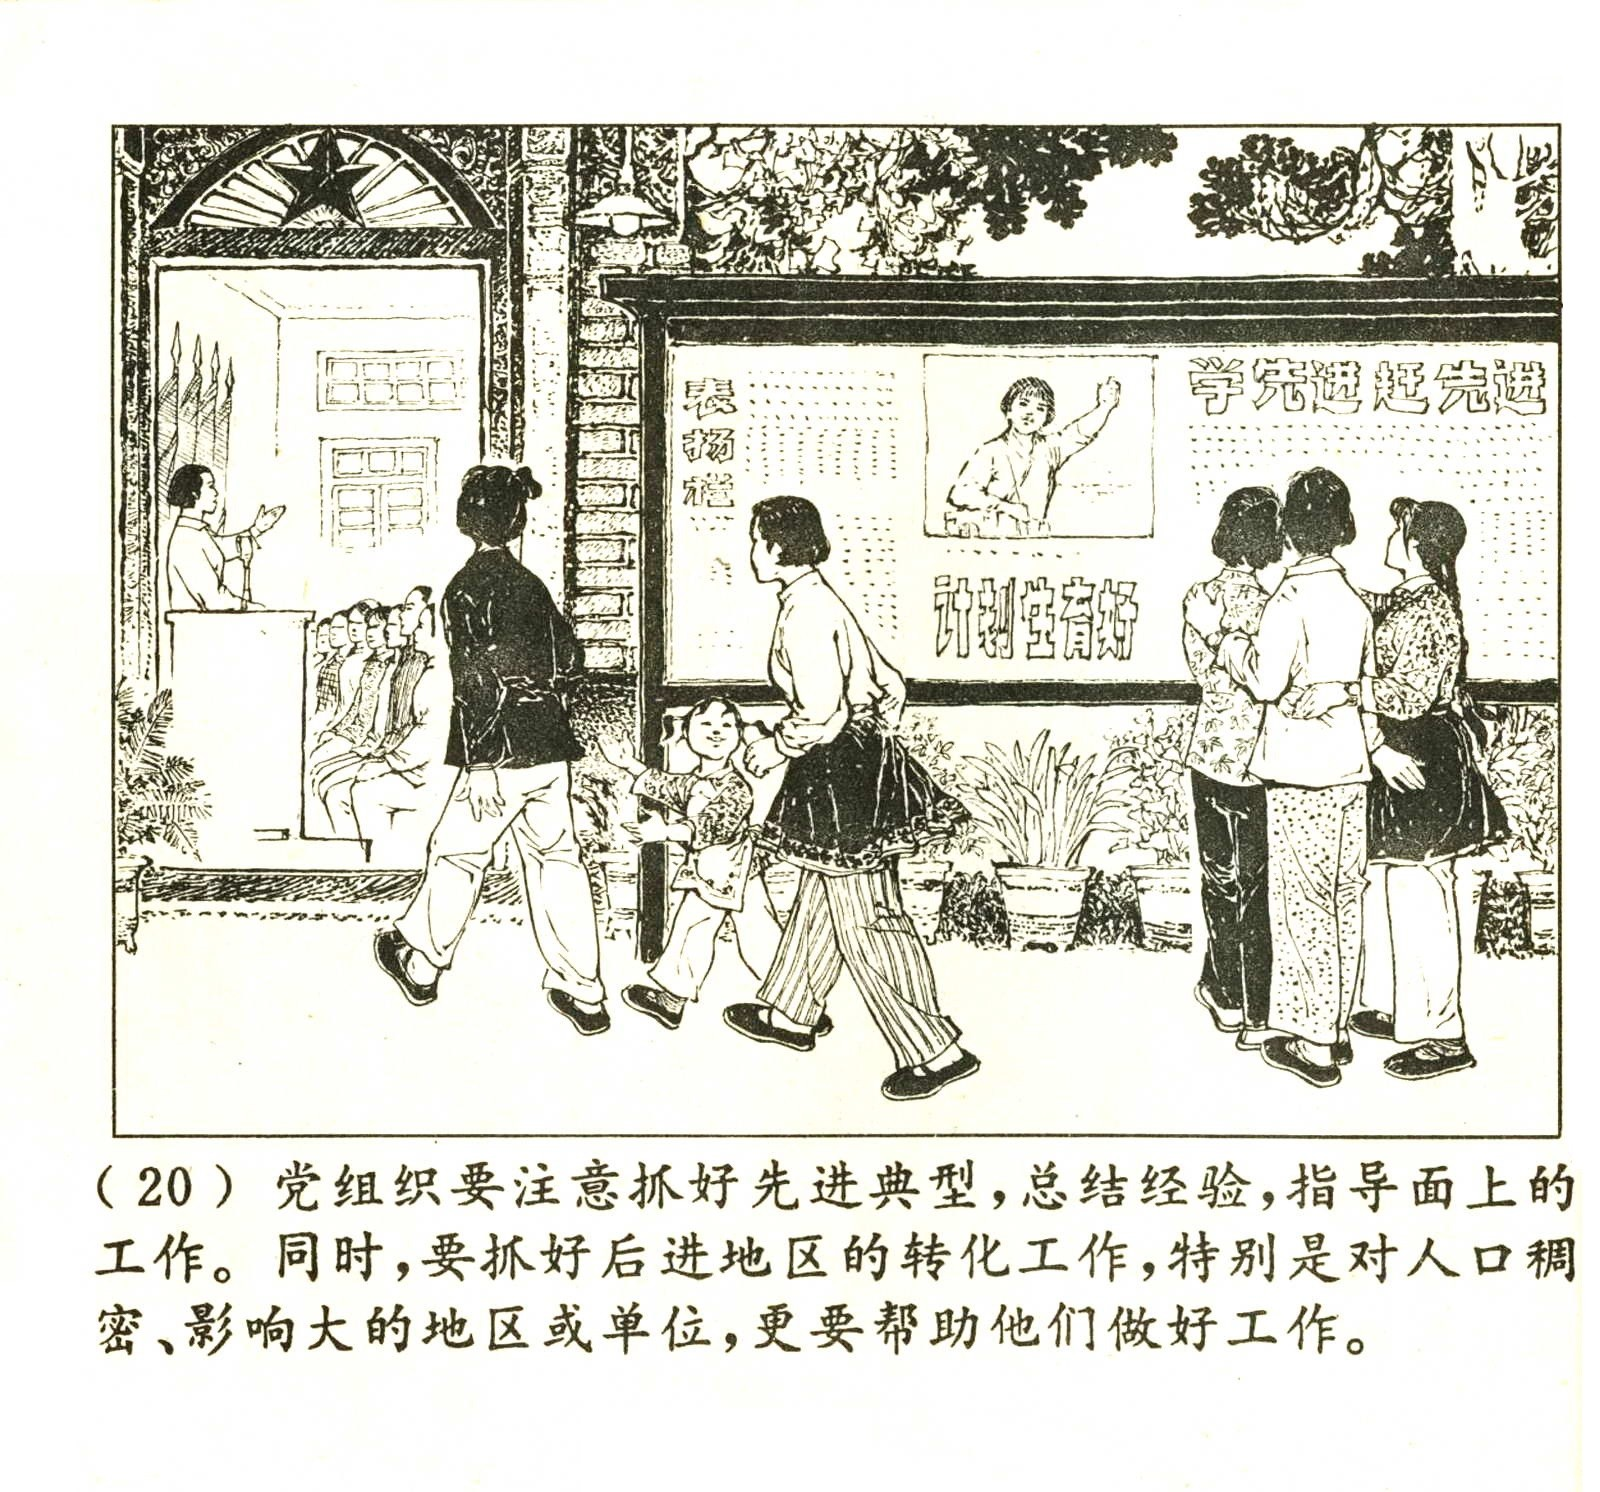 怀旧连宣传画册-计划生育好(1978年)